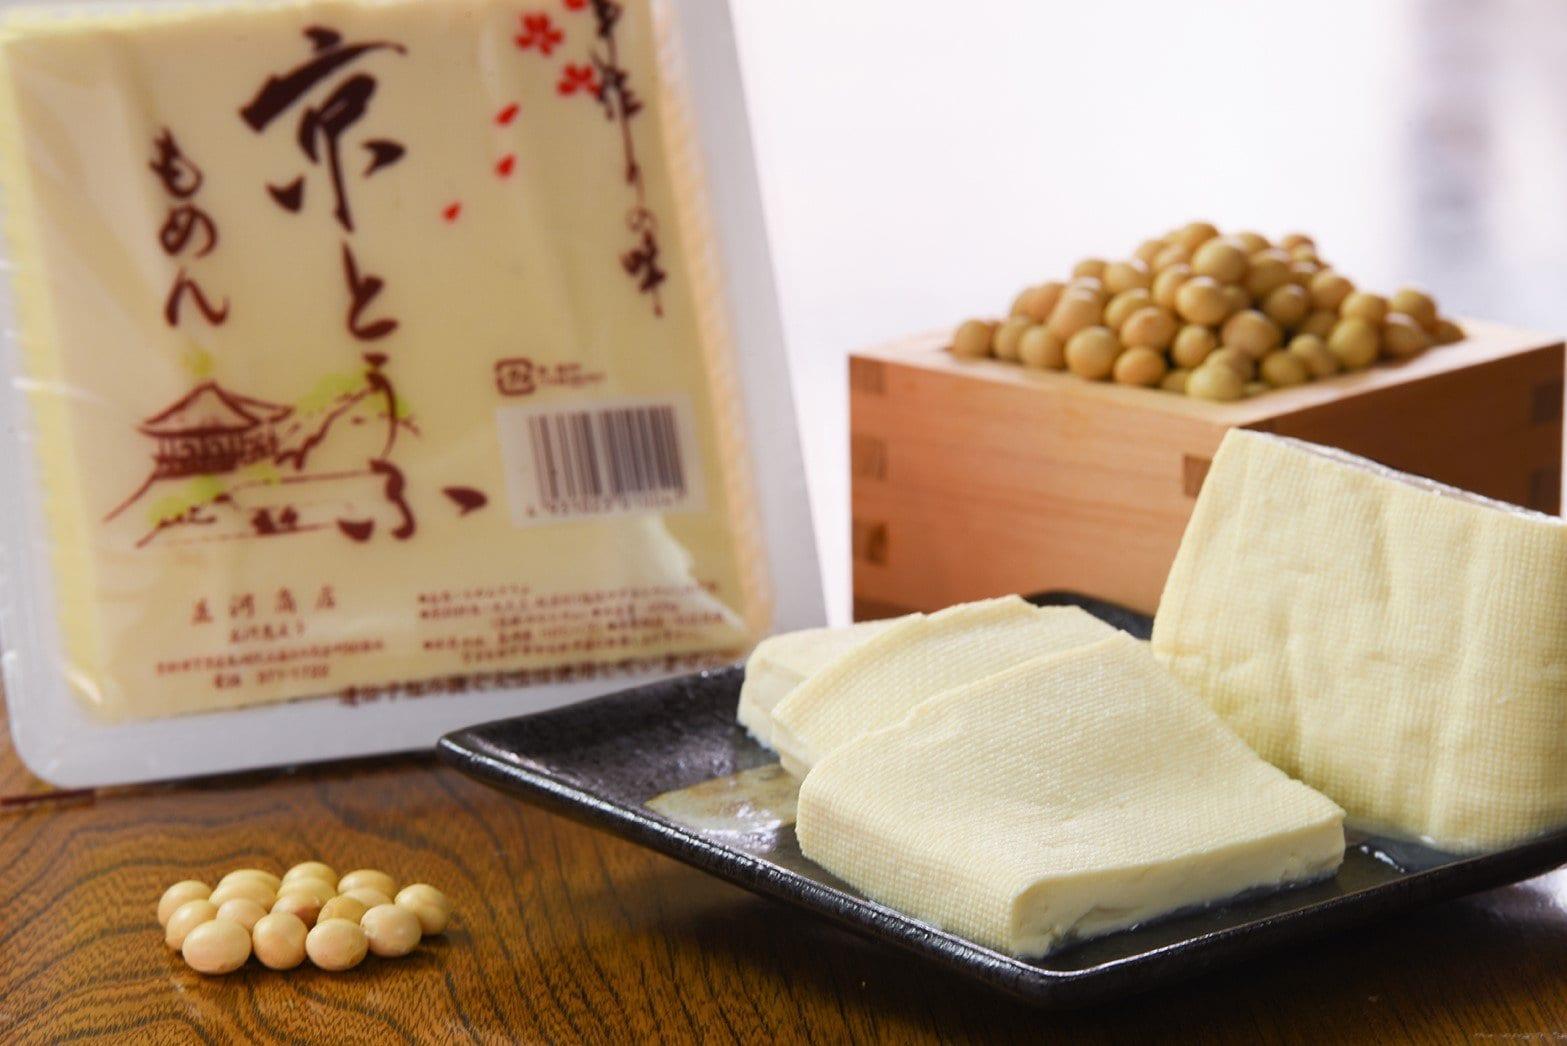 京都伝統の京とうふ|木綿豆腐